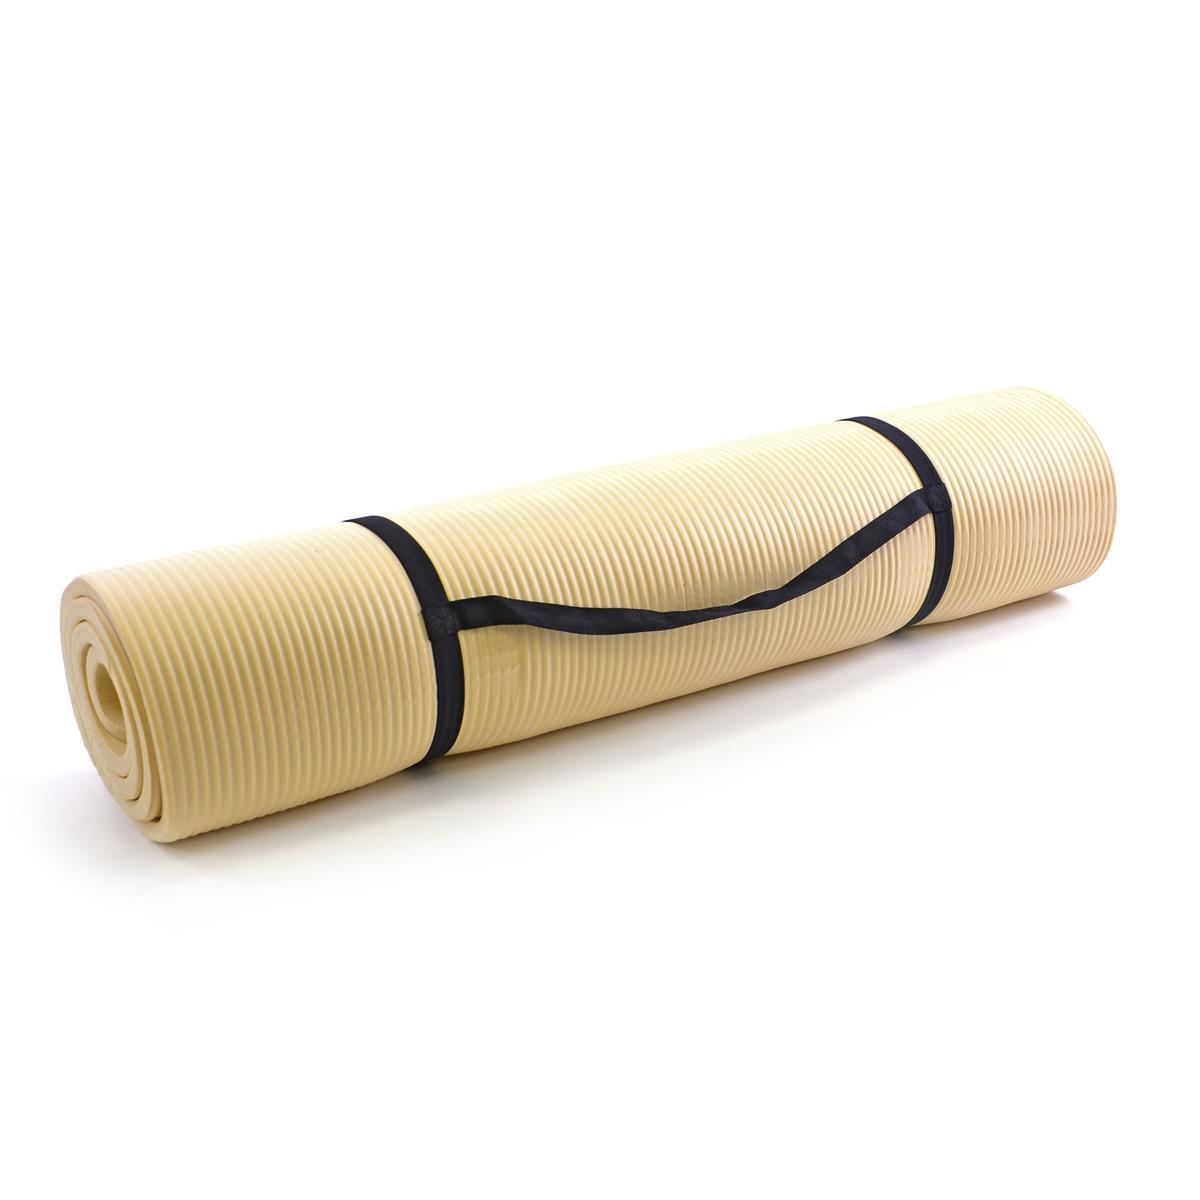 Yogamatte Gymnastikmatte Fitnessmatte 190 x 102 x 1,5 cm natur schadstofffrei